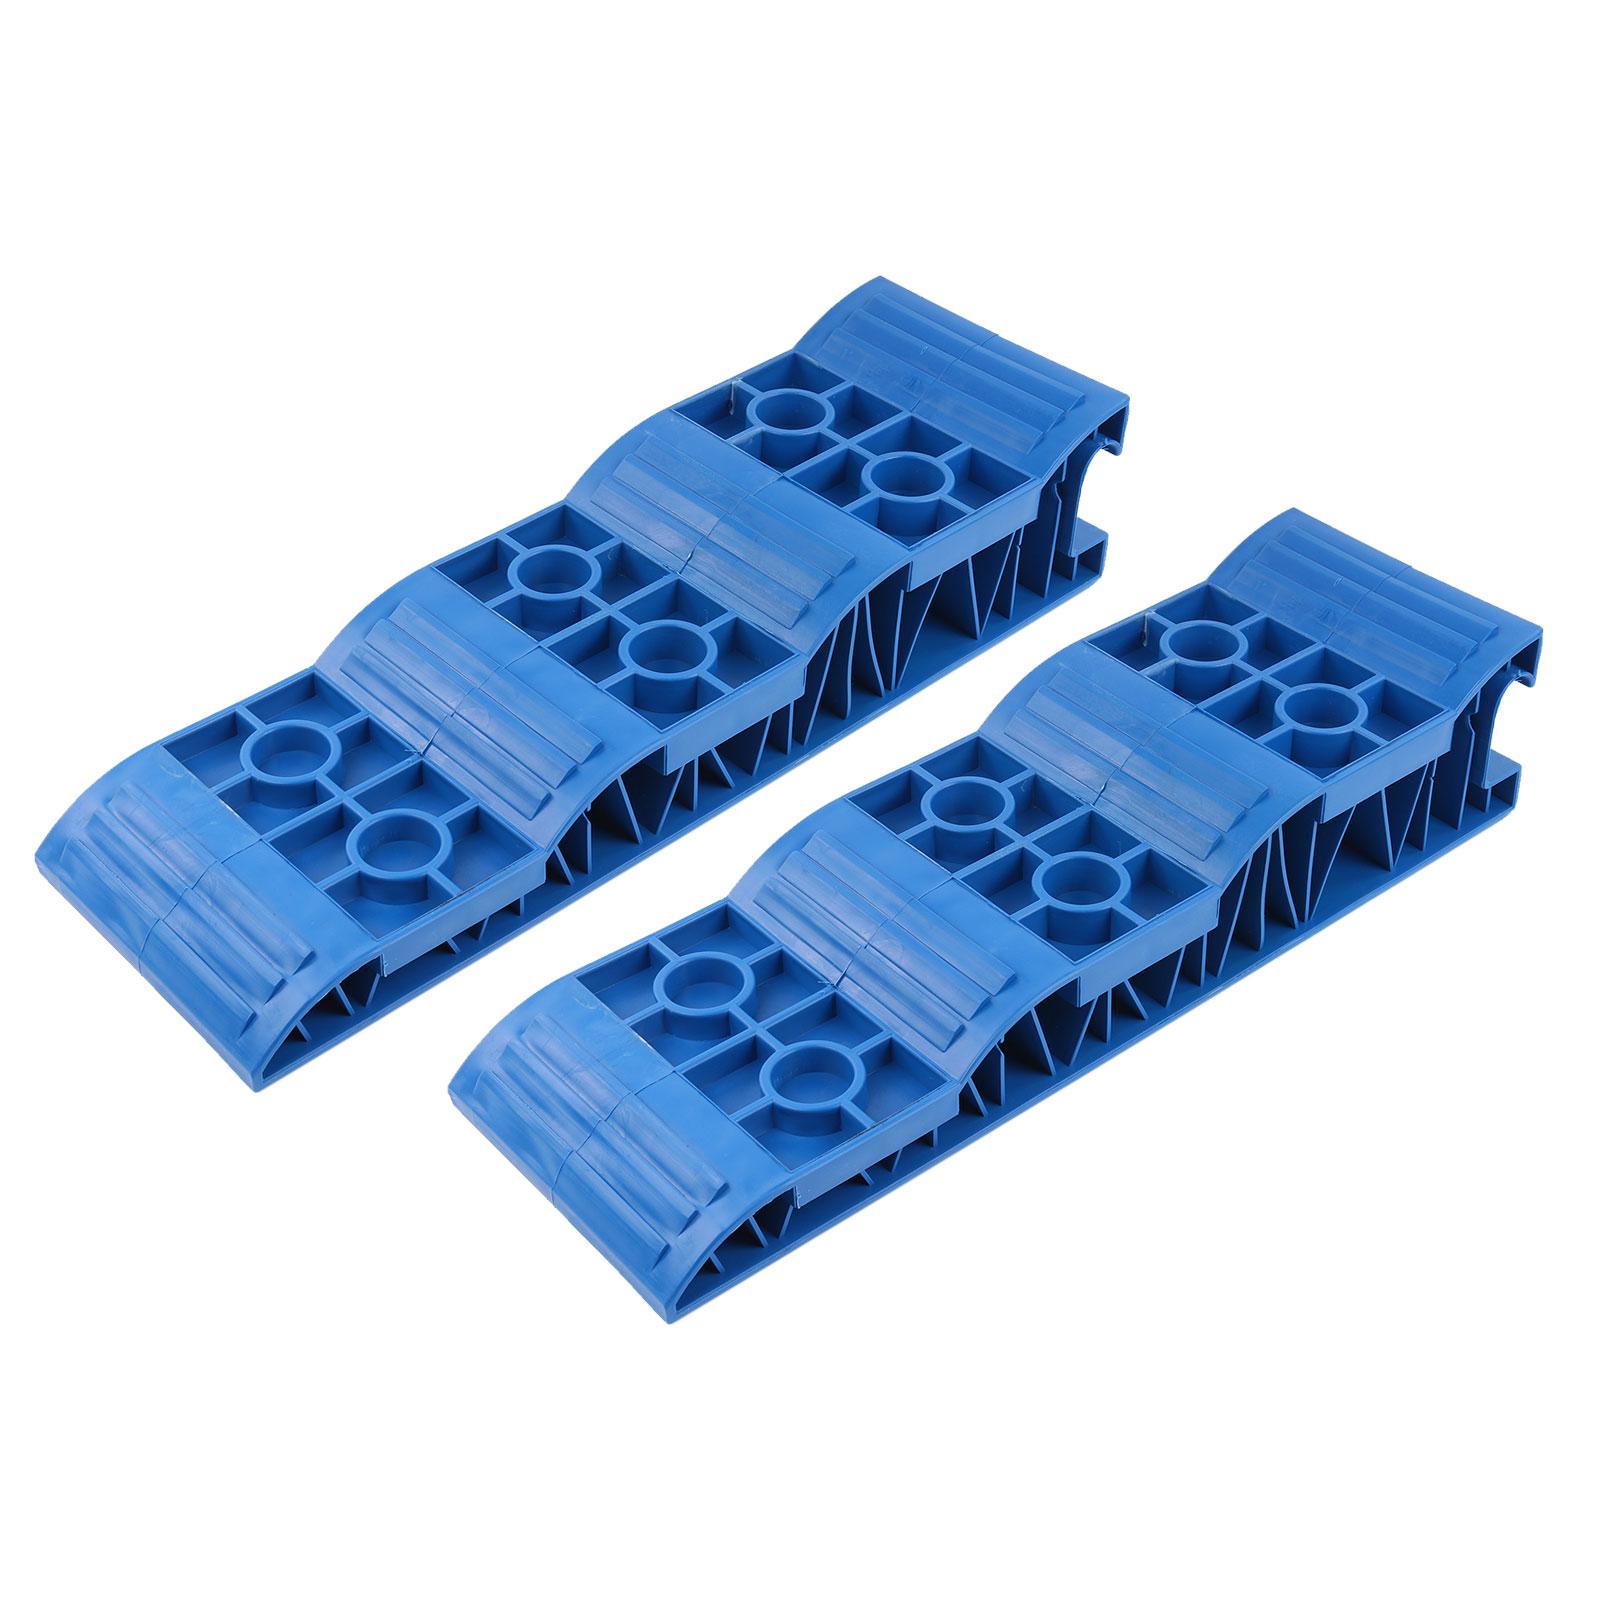 Jumbo Auffahrkeile Stufenkeile Blau für Wohnwagen & Wohnmobil